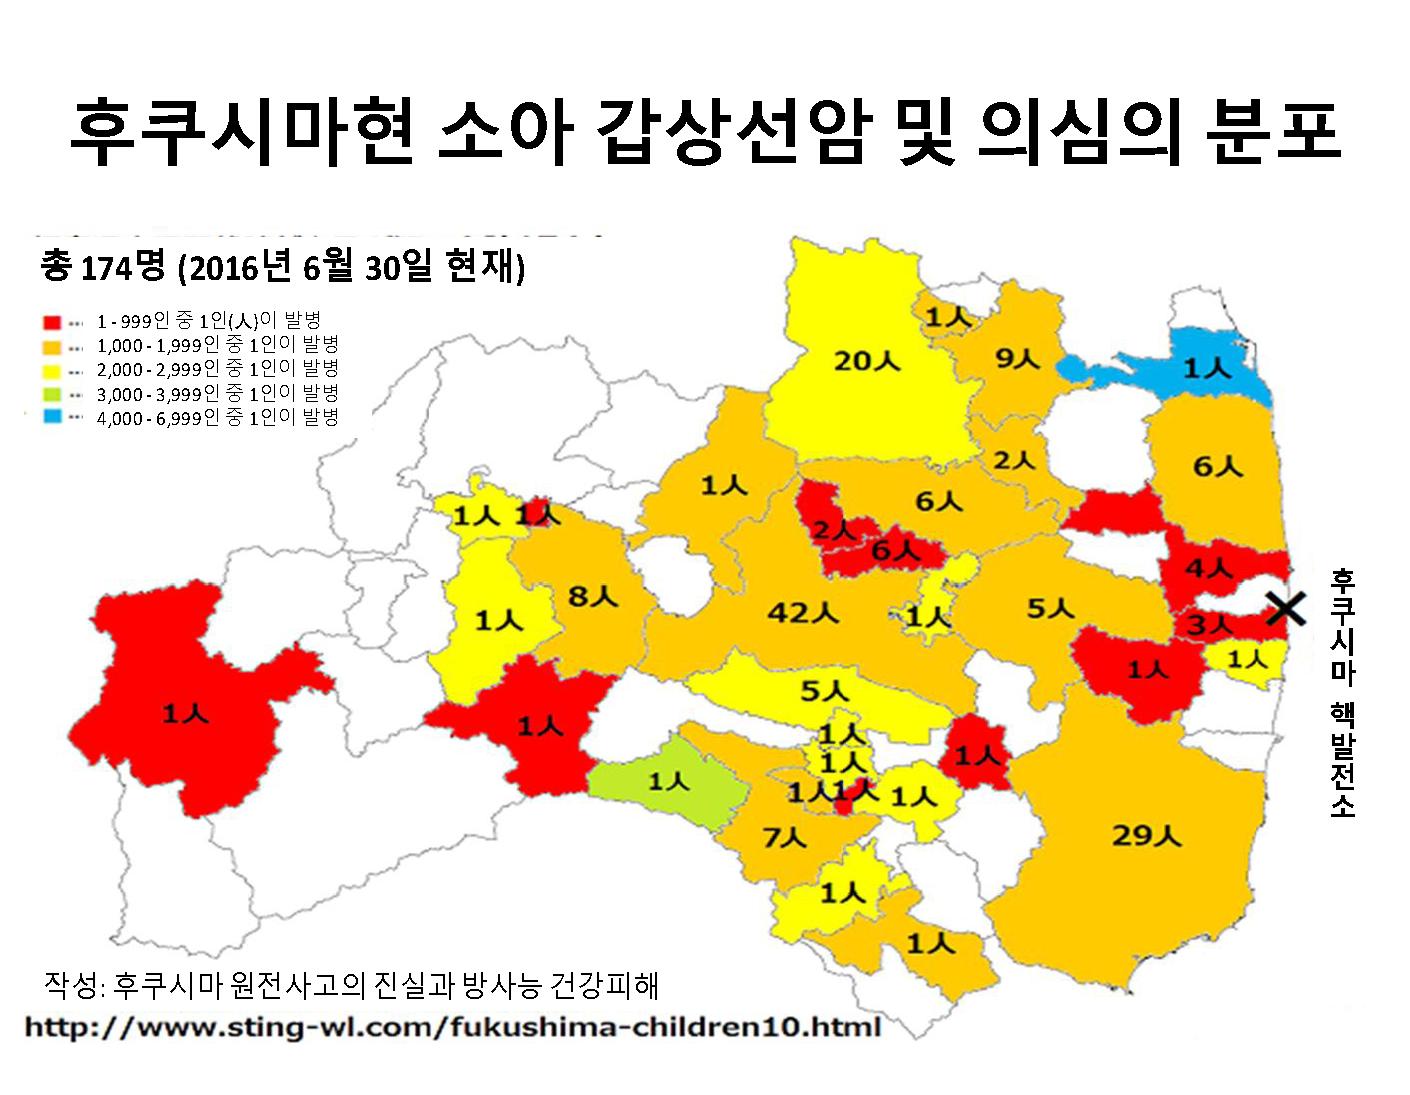 '후쿠시마 제1원전 사고 후 성인 갑상선암이 늘고 있다' 주간금요일 1097호